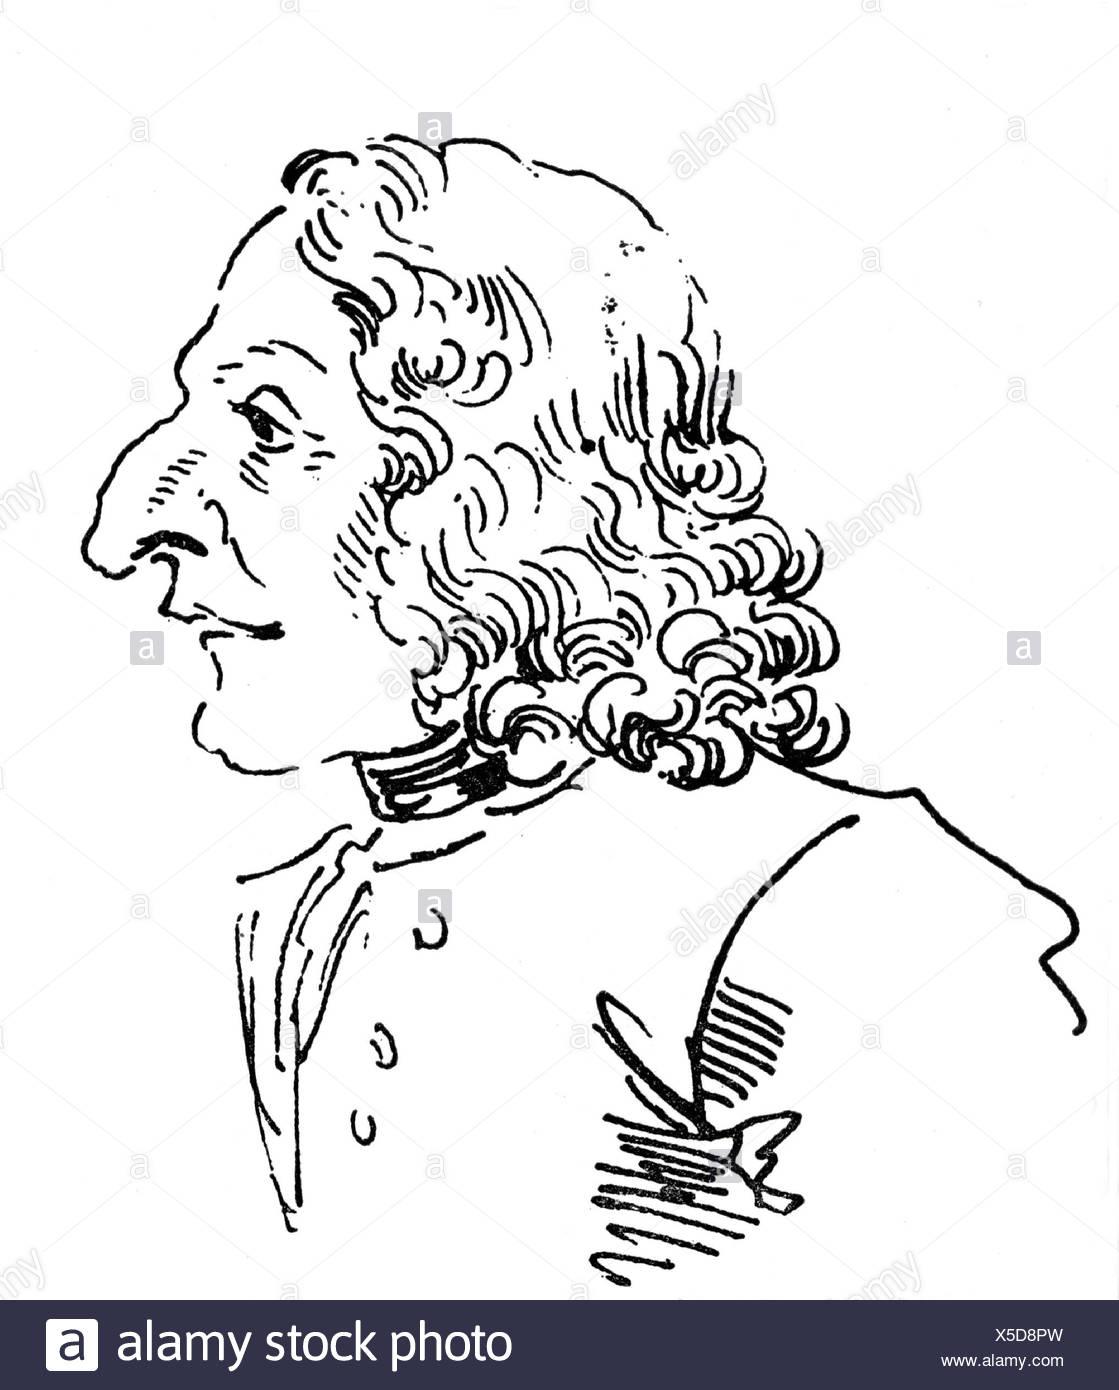 Vivaldi, Antonio, 4.3.1678 - 28.7.1741, Italian composer, portrait, caricature by Leone Ghezzi, 1773, Additional-Rights-Clearances-NA - Stock Image